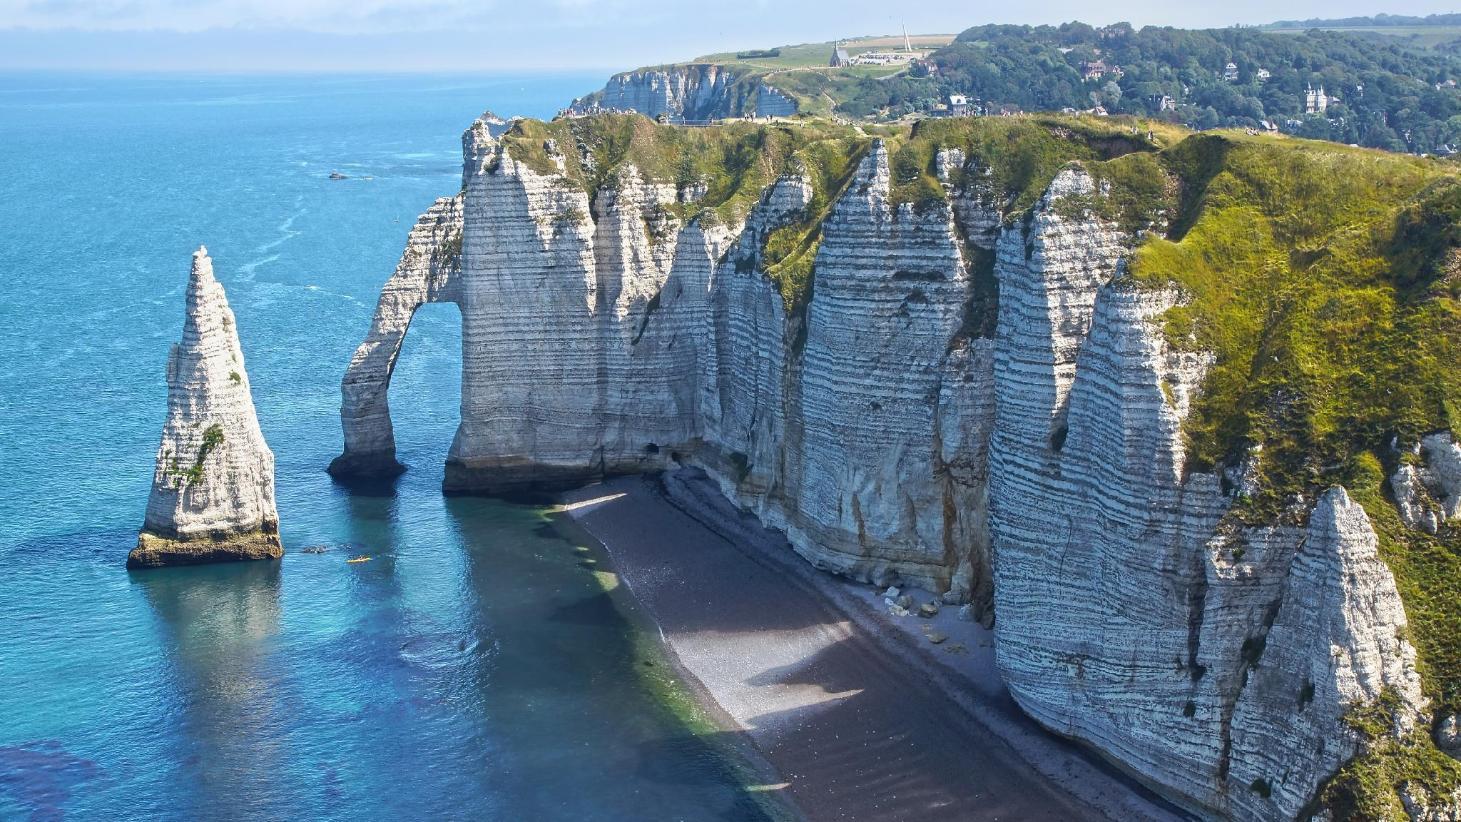 Les 20 meilleurs hôtels à Etretat, France dès 77 € sur Agoda.com